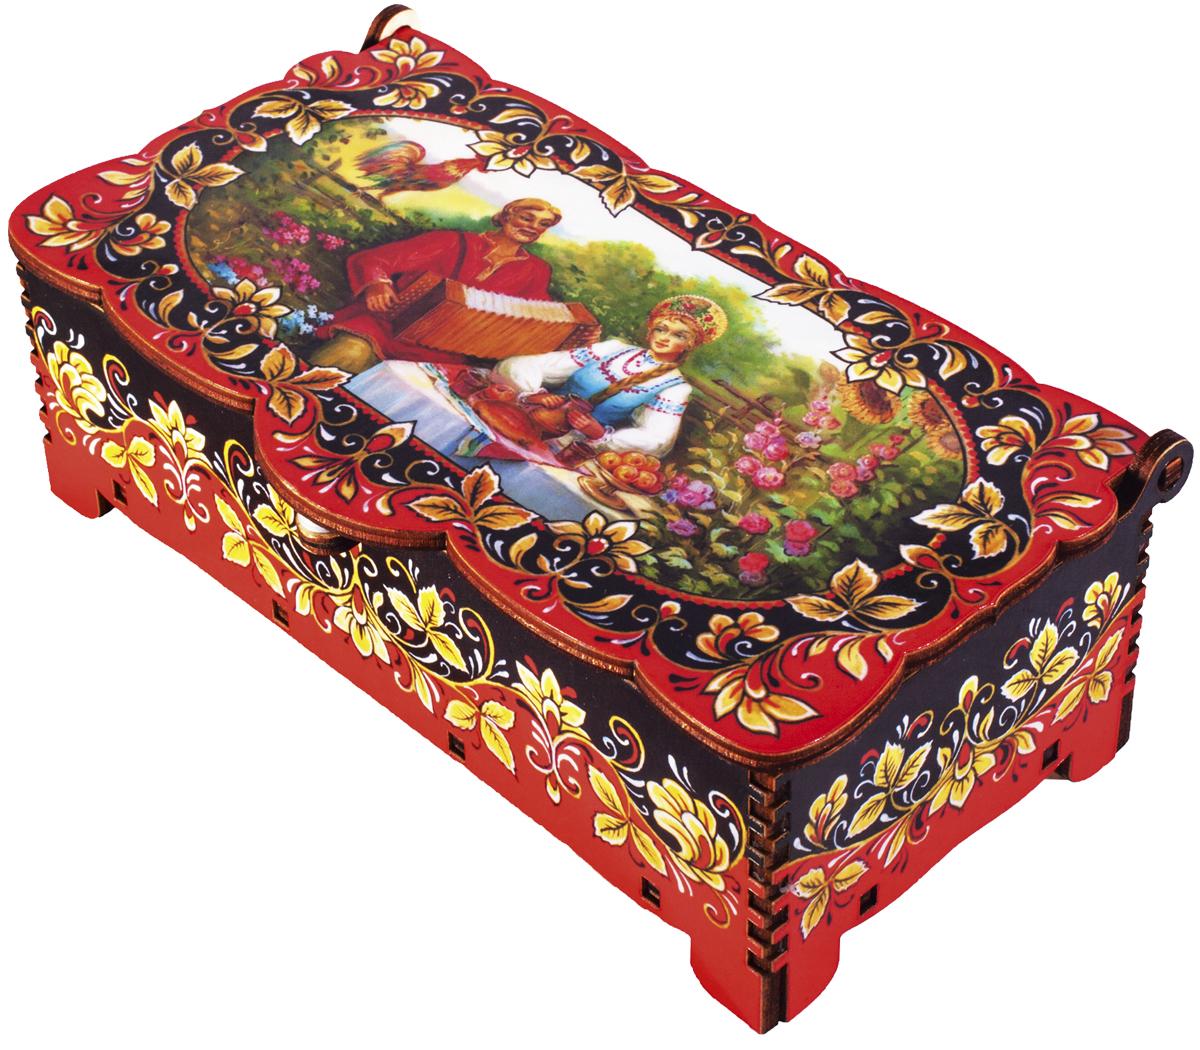 Кремлина Гармонист шкатулка подарочная кремлинка вишенка, 150 г кремл��на зимние забавы шкатулка подарочная 150 г